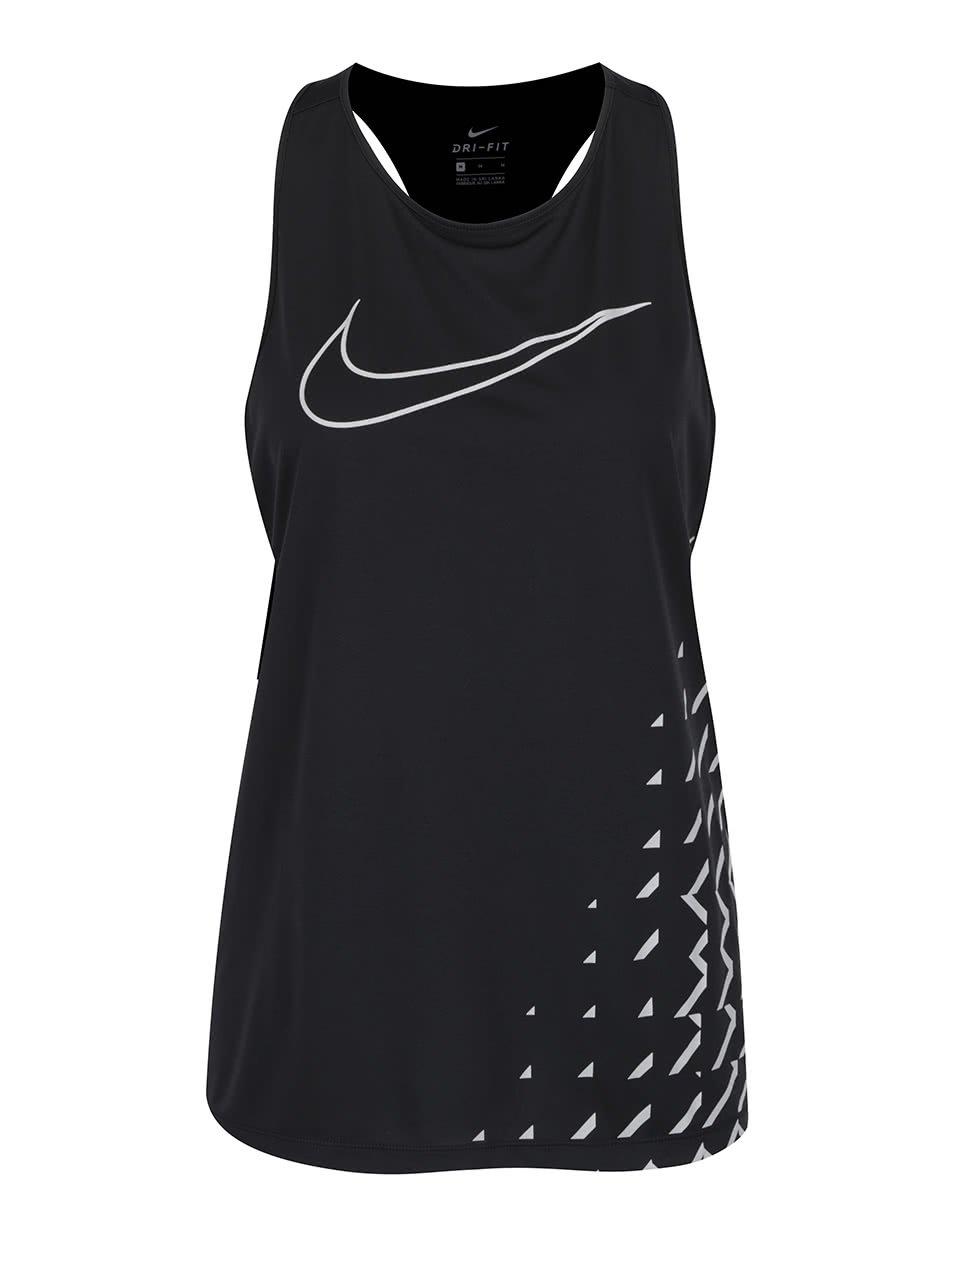 Černé dámské tílko s potiskem Nike